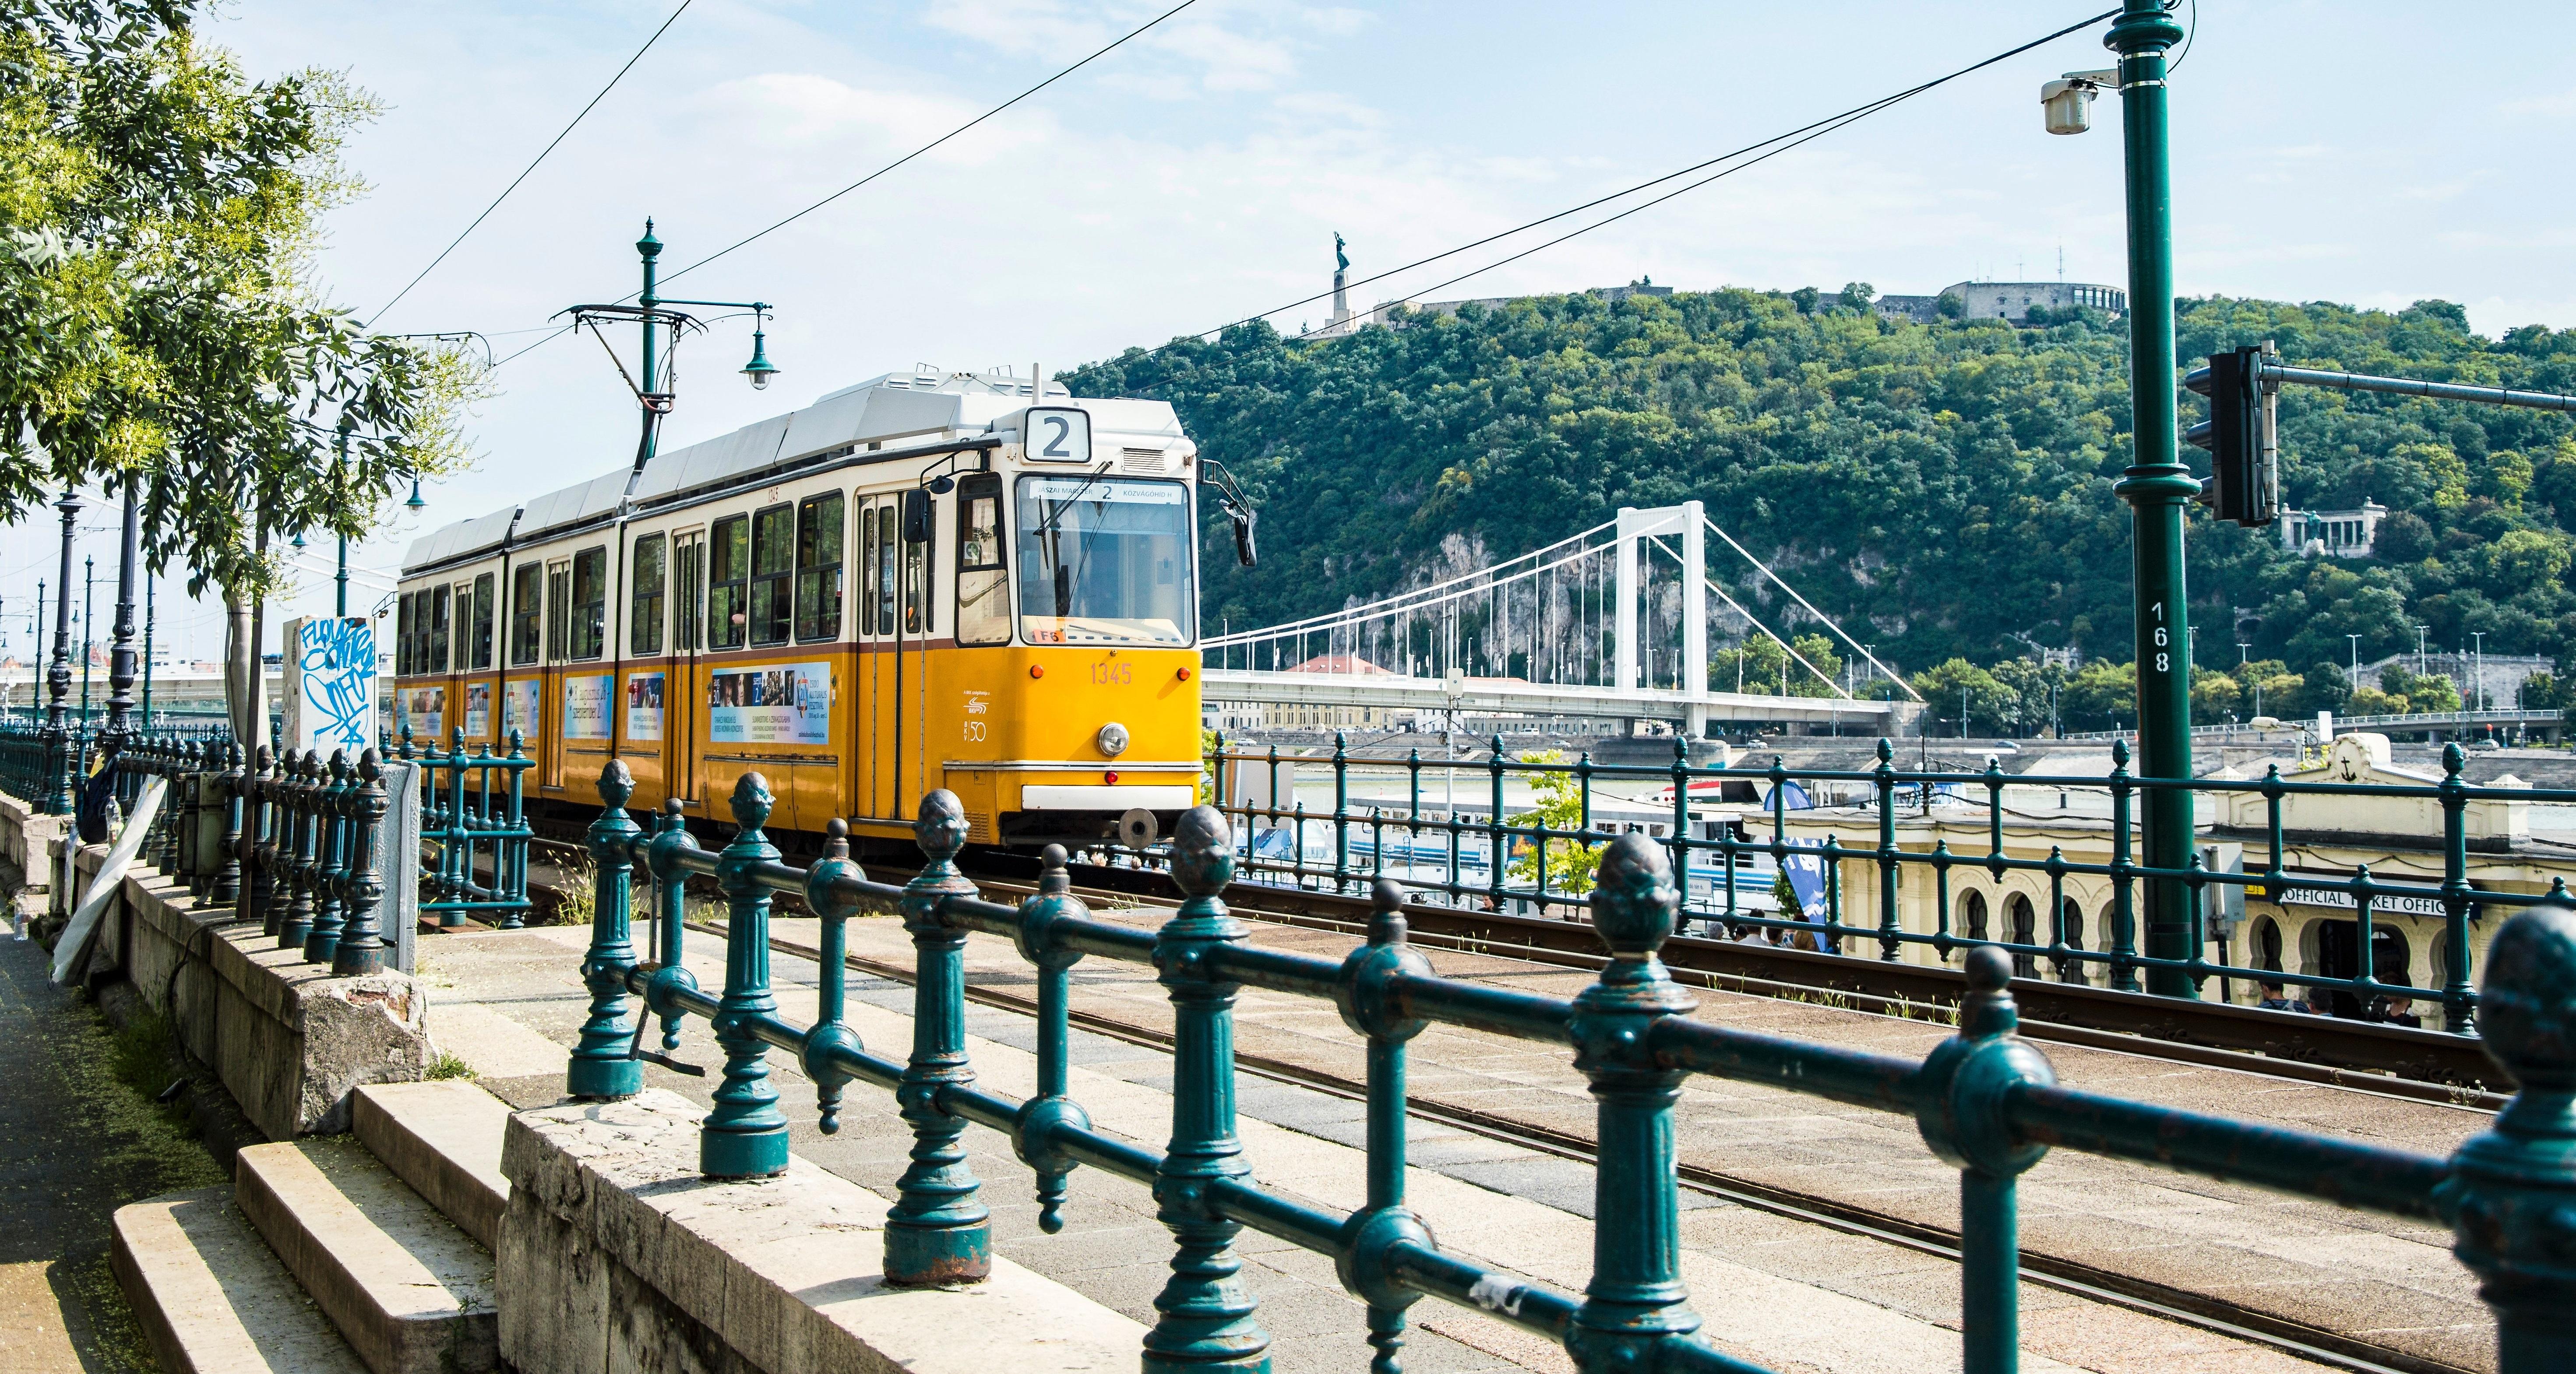 Budapesta - transport